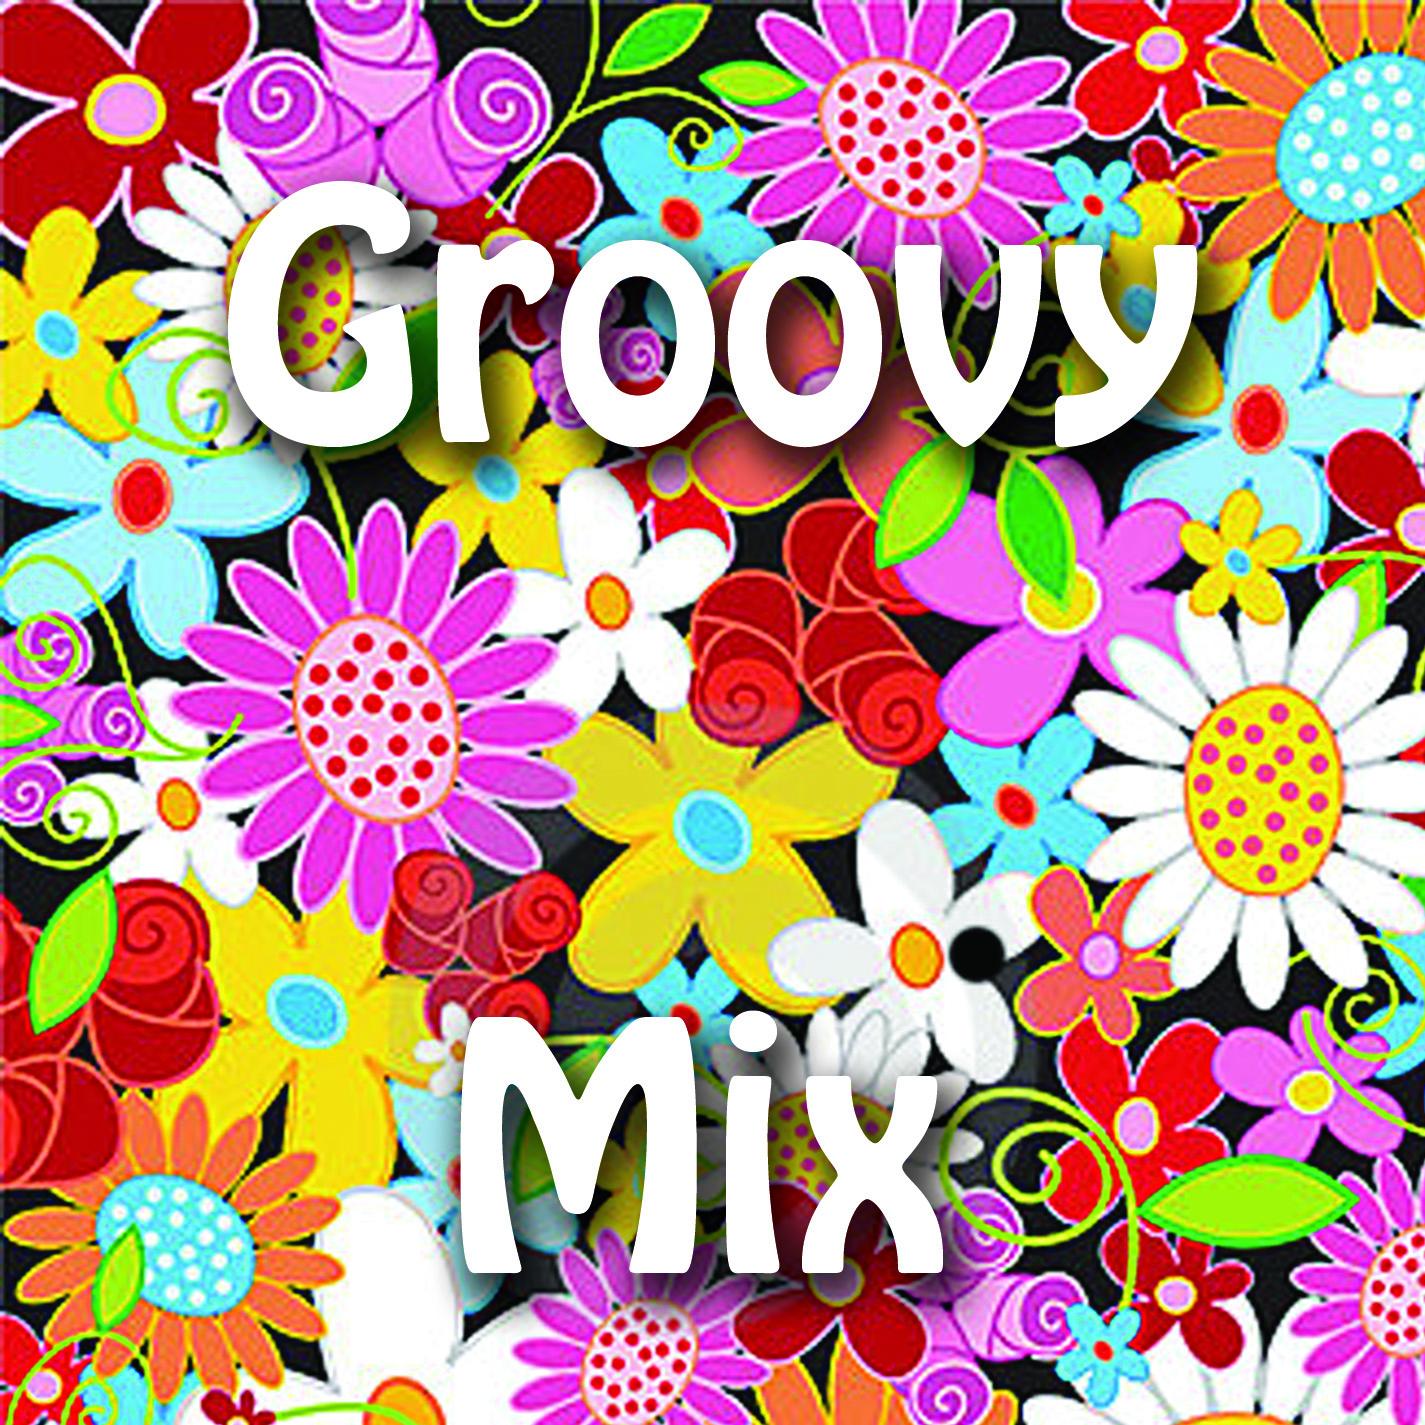 Groovy CD - 2 flowers copy.jpg